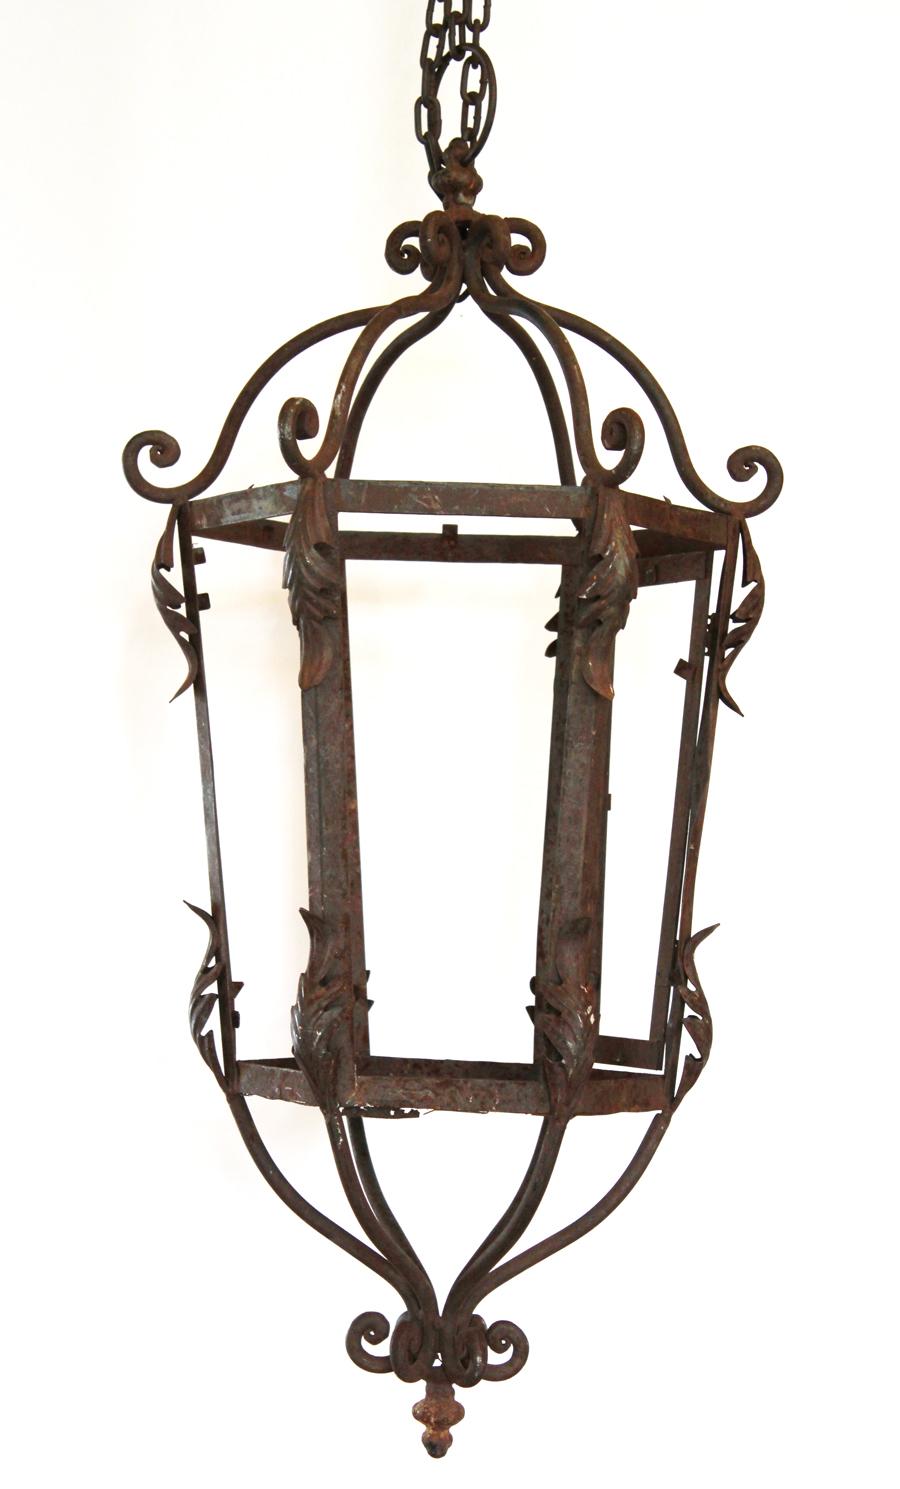 Pair Wrought Iron Hanging Lanterns 1800s French